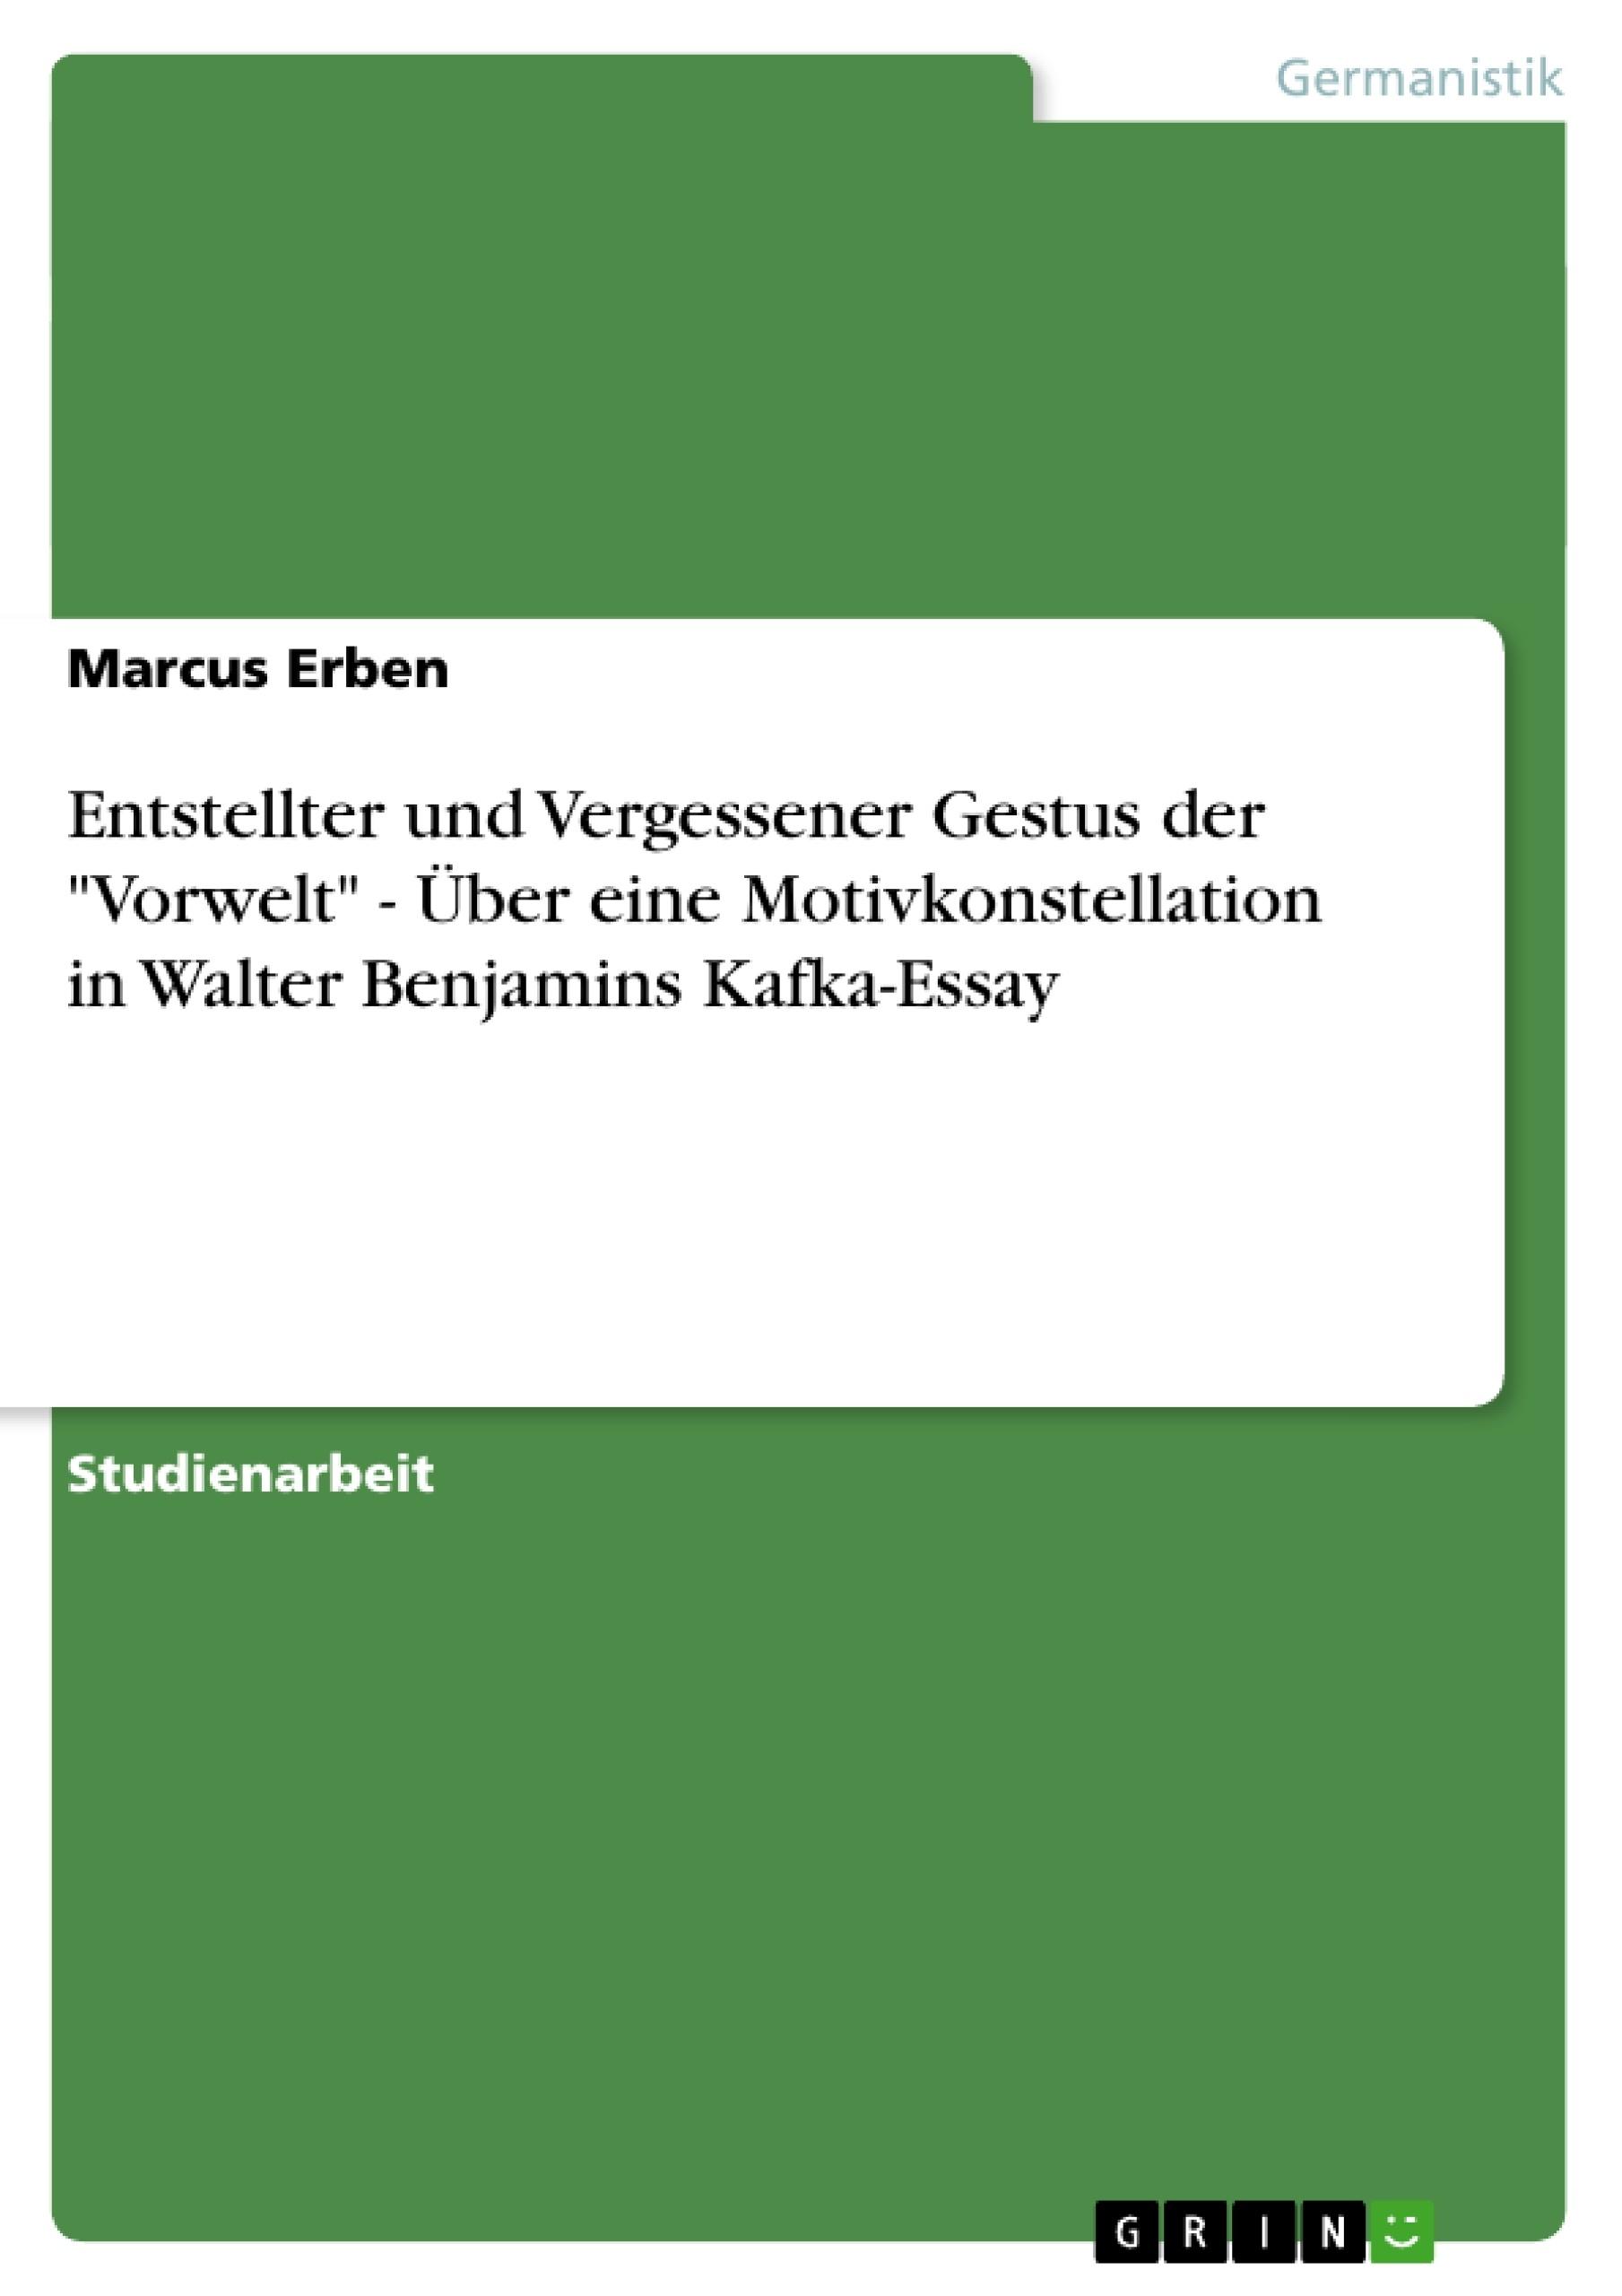 """Titel: Entstellter und Vergessener Gestus der """"Vorwelt"""" - Über eine Motivkonstellation in Walter Benjamins Kafka-Essay"""